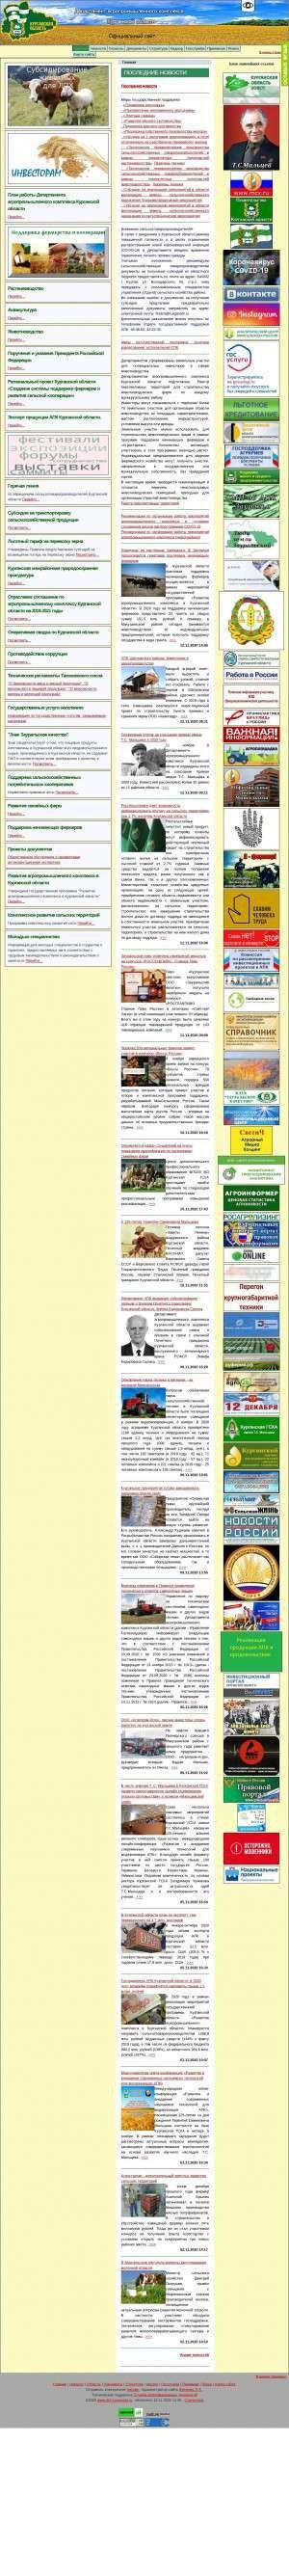 Предпросмотр для dsh.kurganobl.ru — Инспекция Гостехнадзора Курганской области